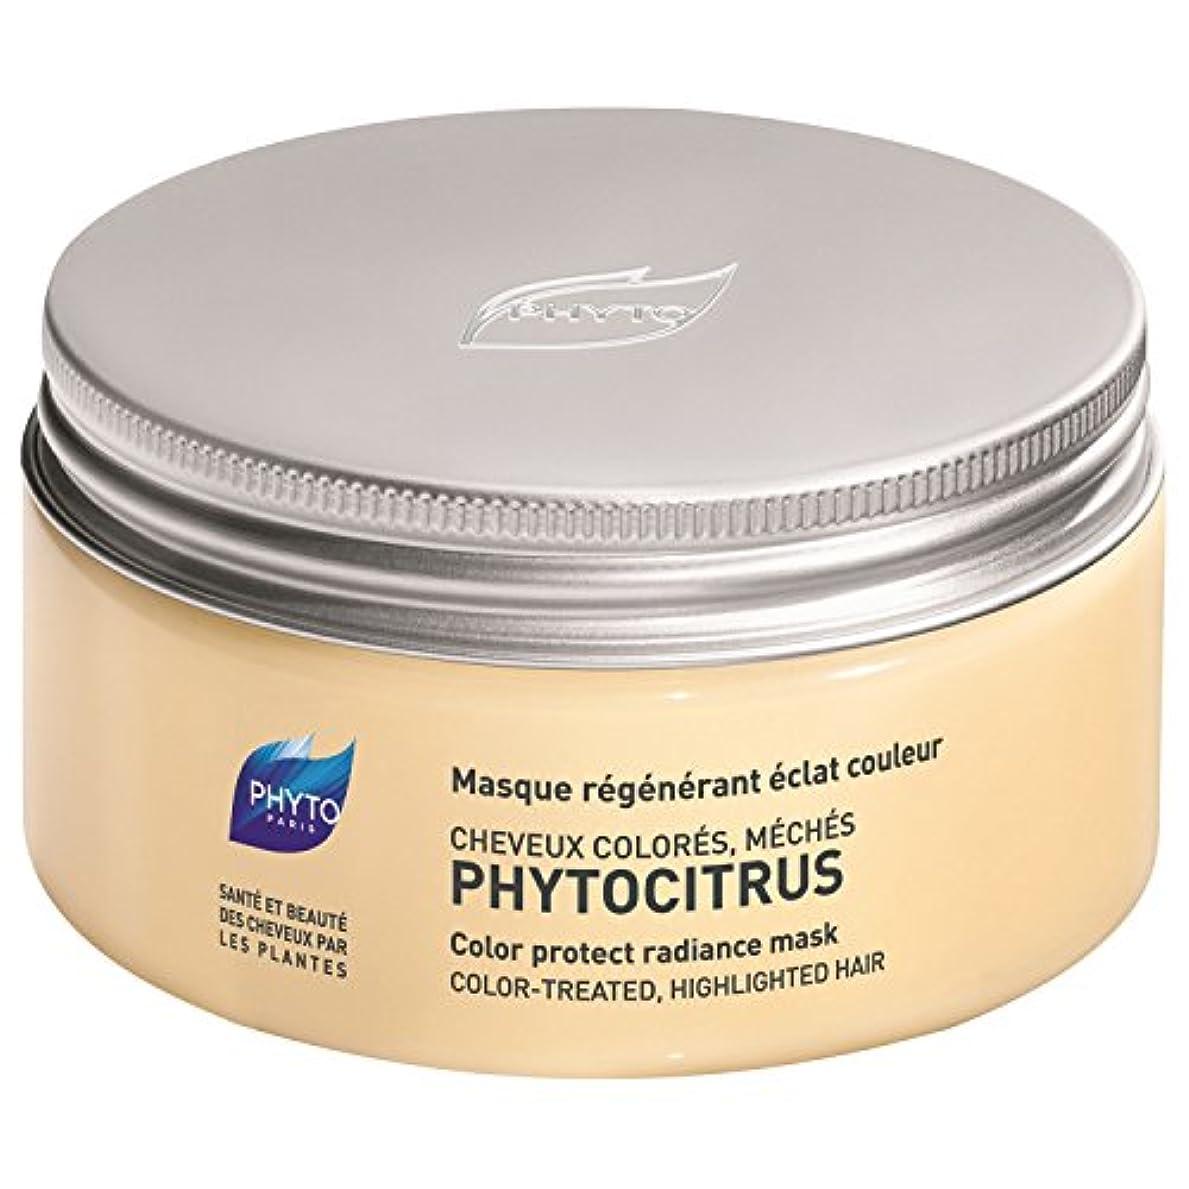 労苦衝突する人形フィトPhytocitrus色保護放射輝度マスク200ミリリットル (Phyto) - Phyto Phytocitrus Colour Protect Radiance Mask 200ml [並行輸入品]